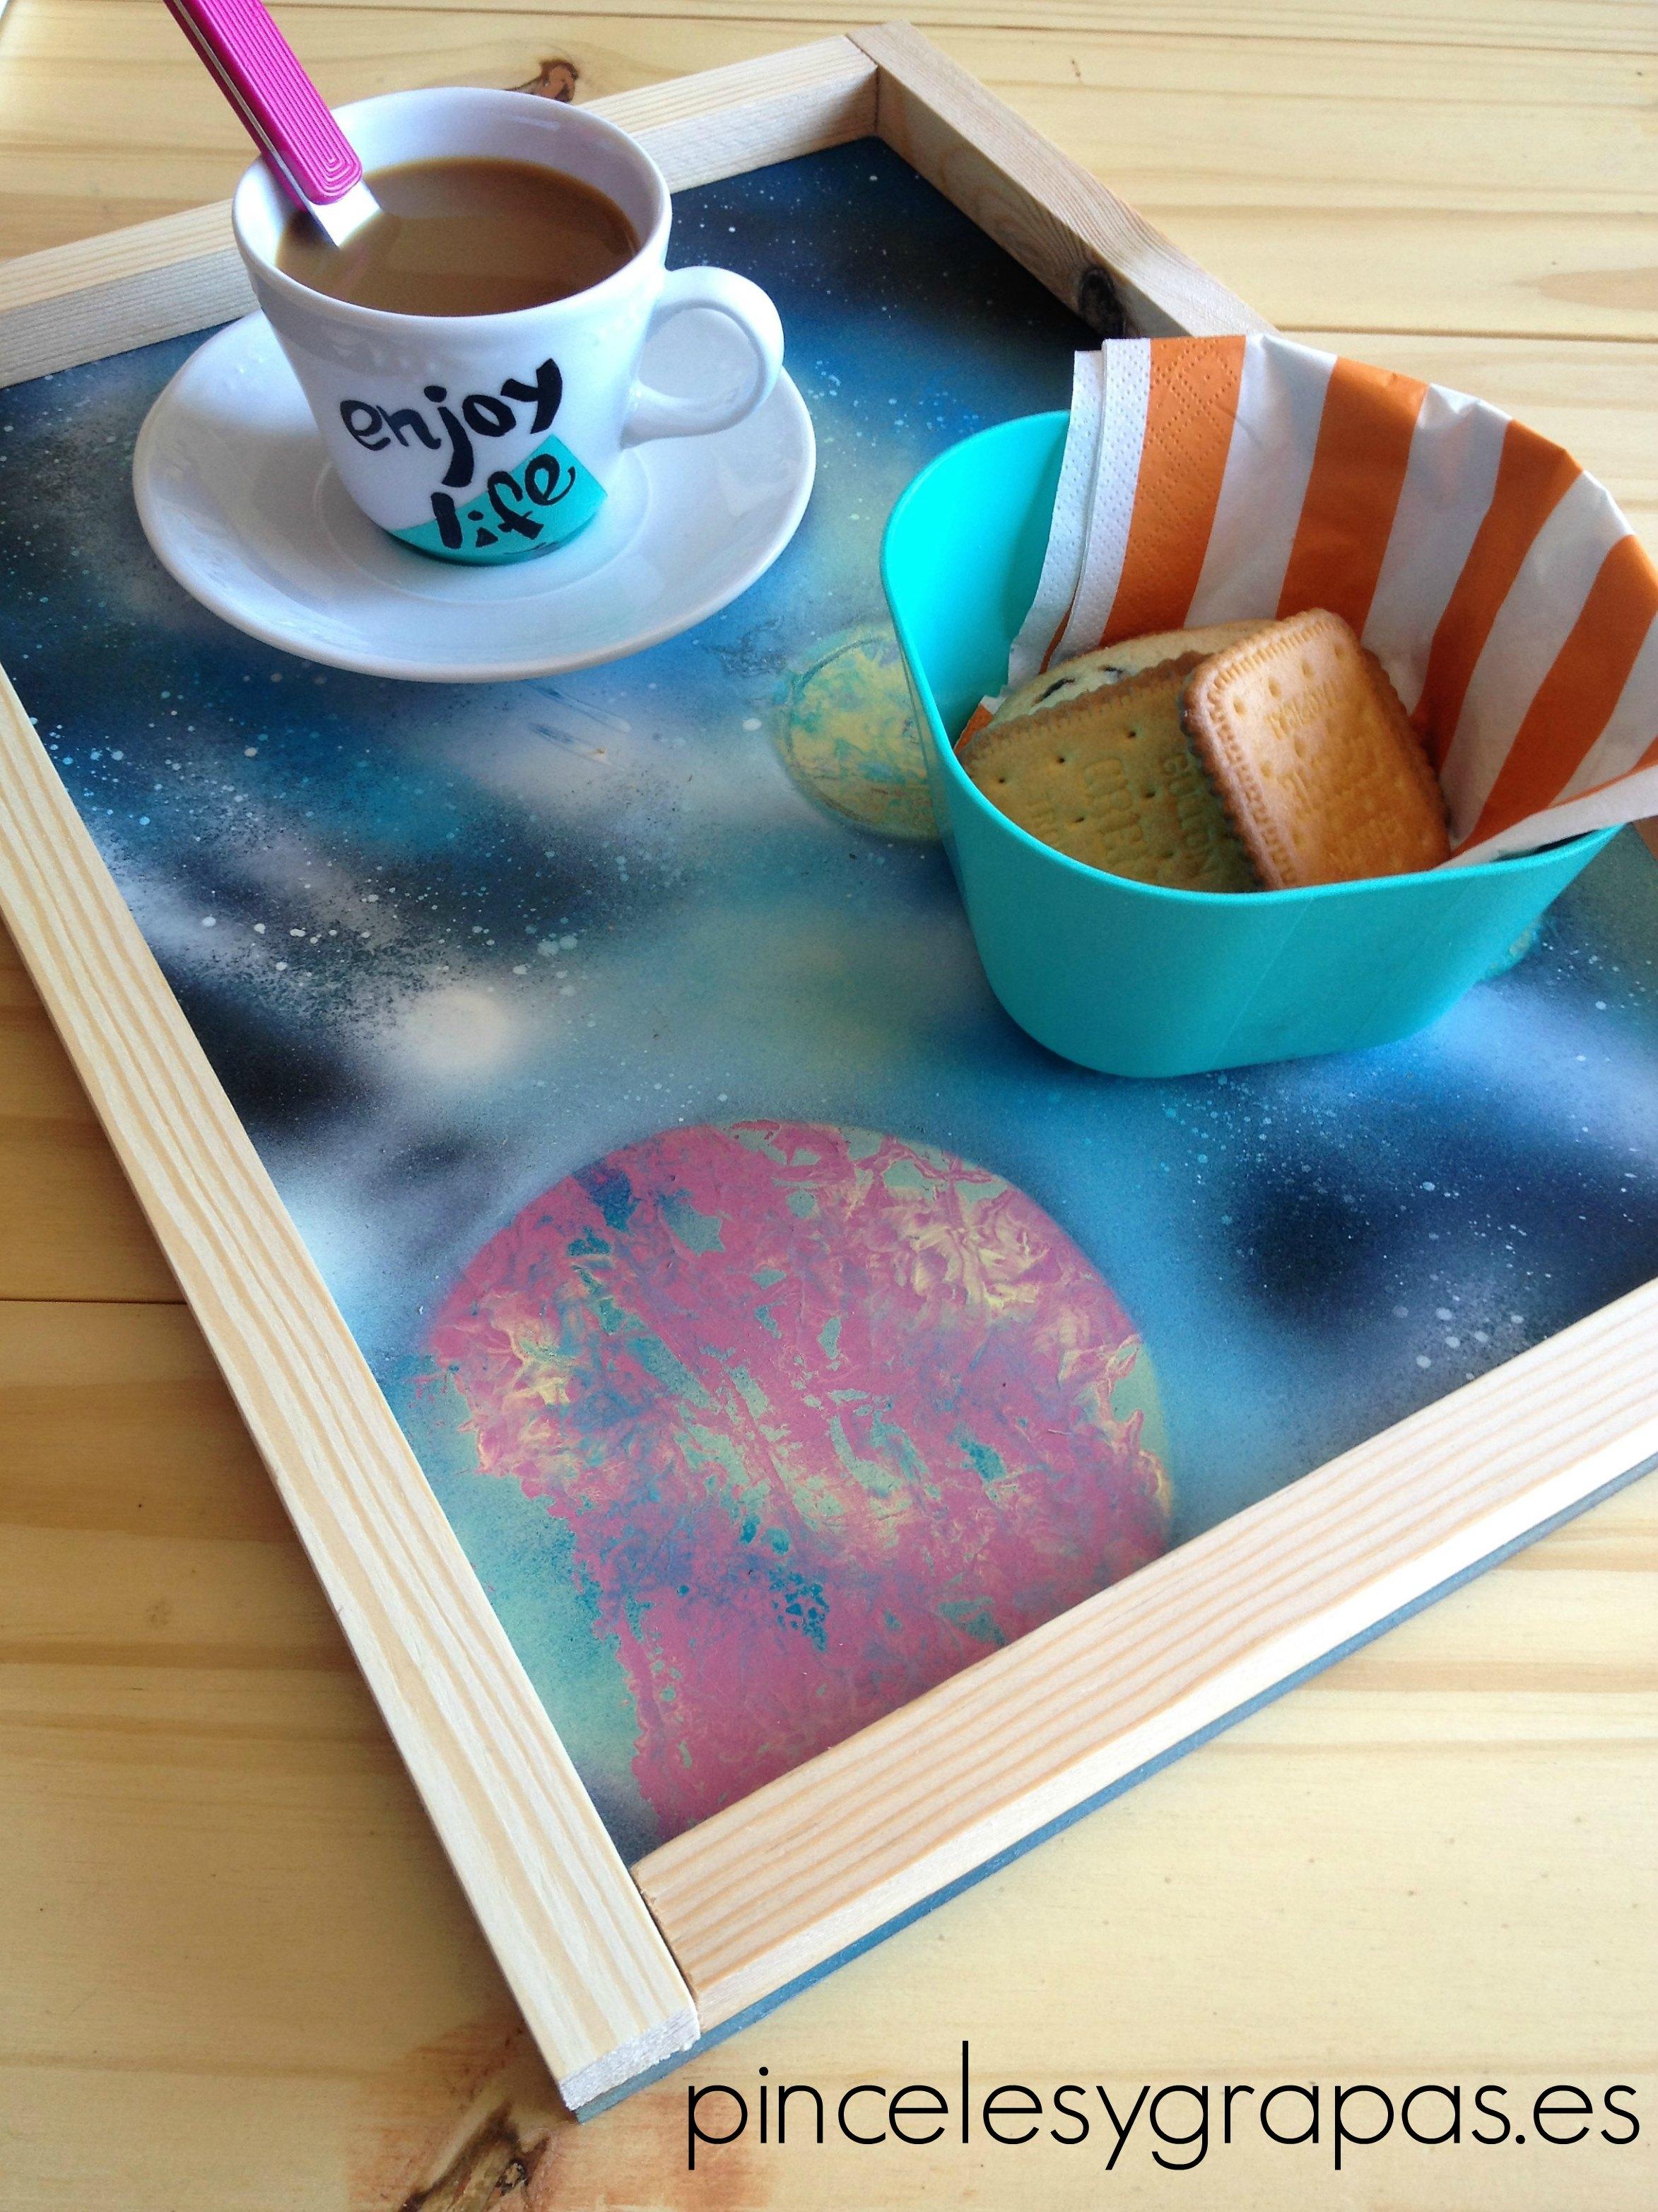 pinceles_y_grapas_planetas_desayuno